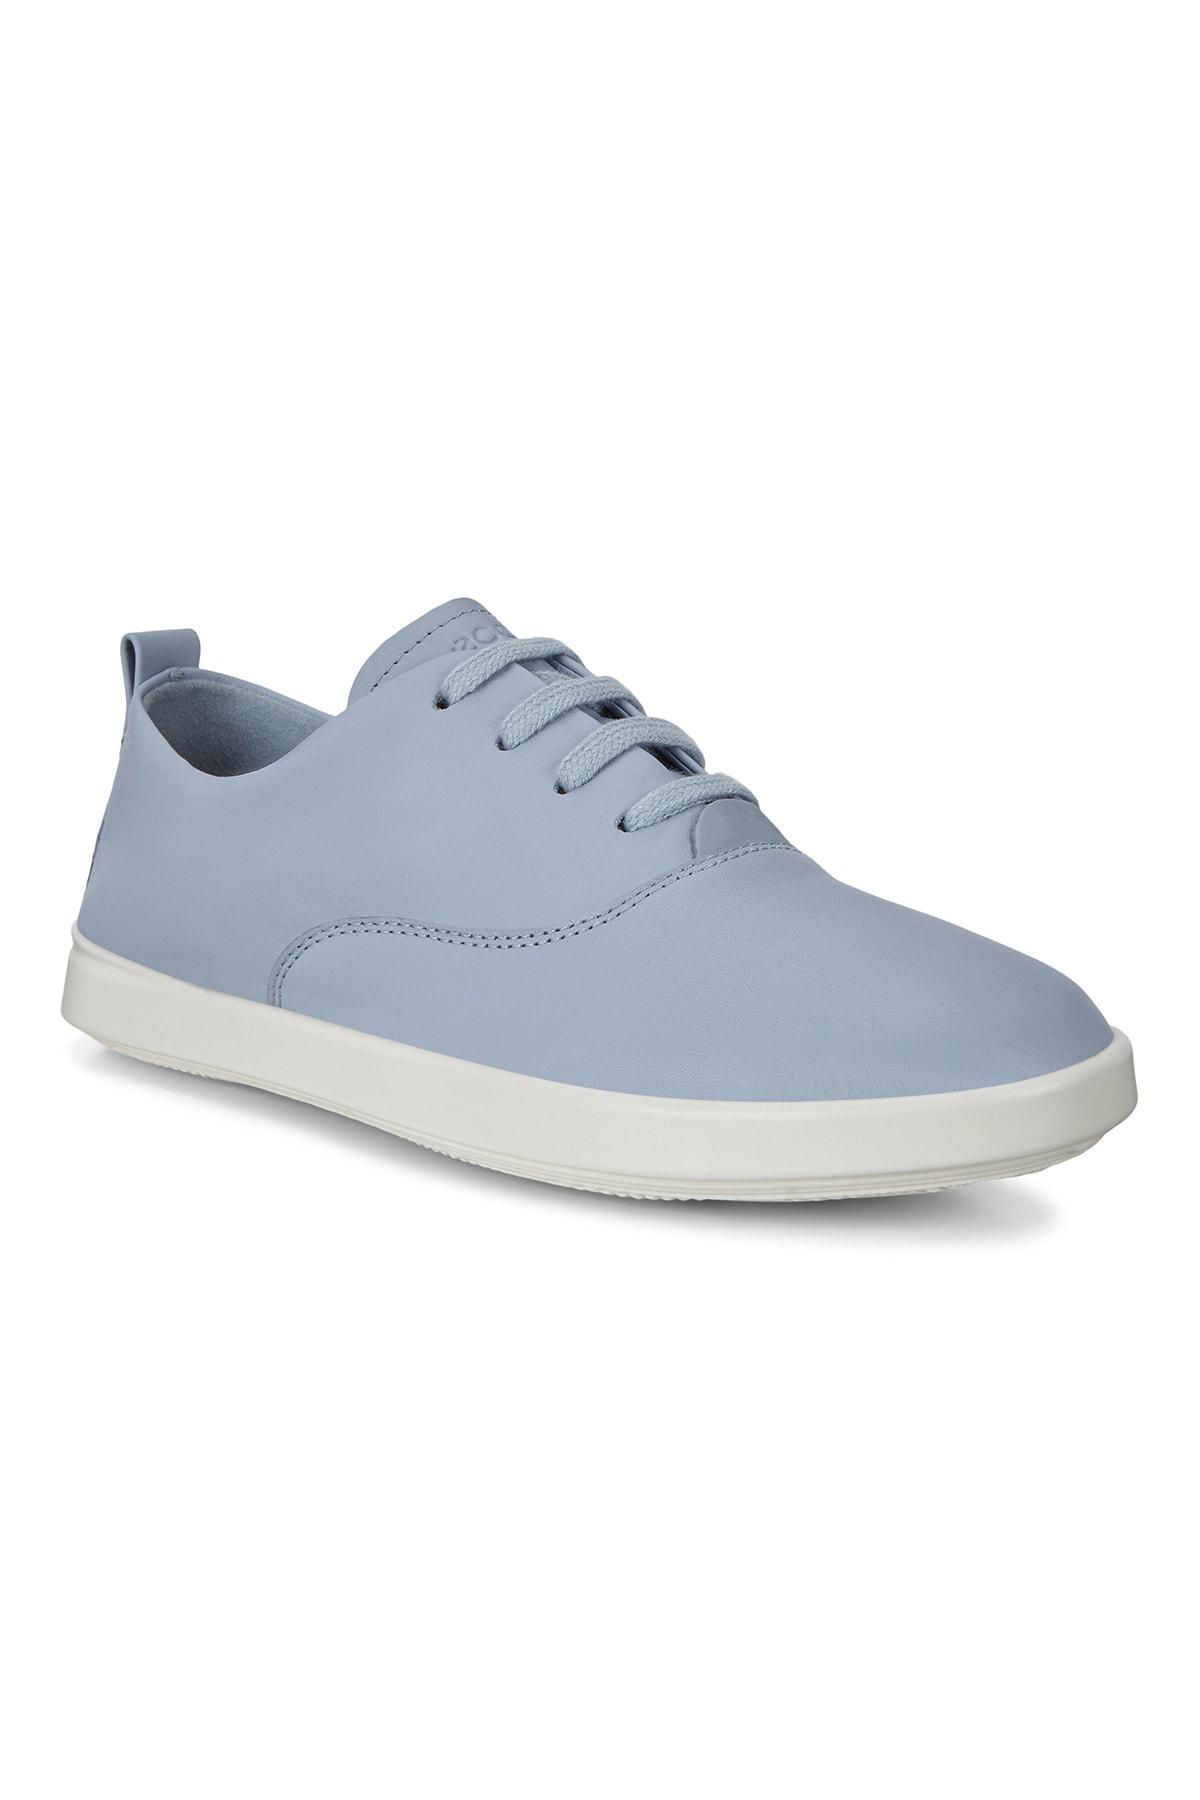 Ecco Kadın Casual Ayakkabı Leisure Dusty Blue Mavi 205003